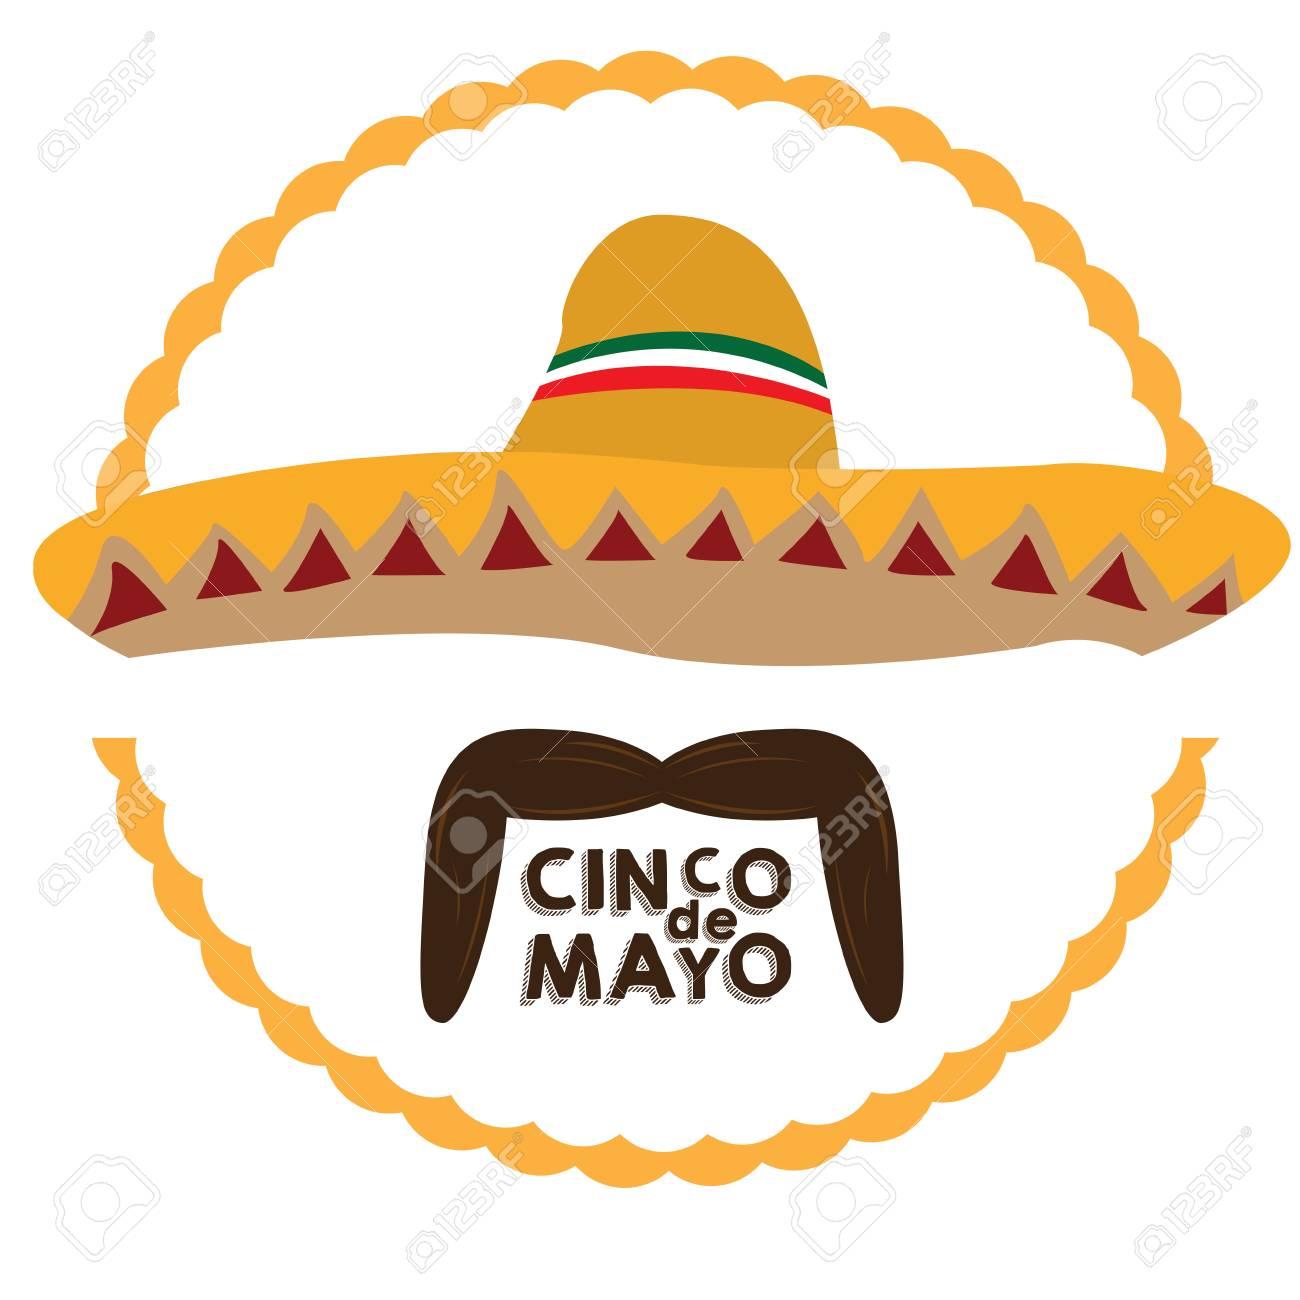 Foto de archivo - Sombrero mexicano aislado y un bigote 38450ac5b5a